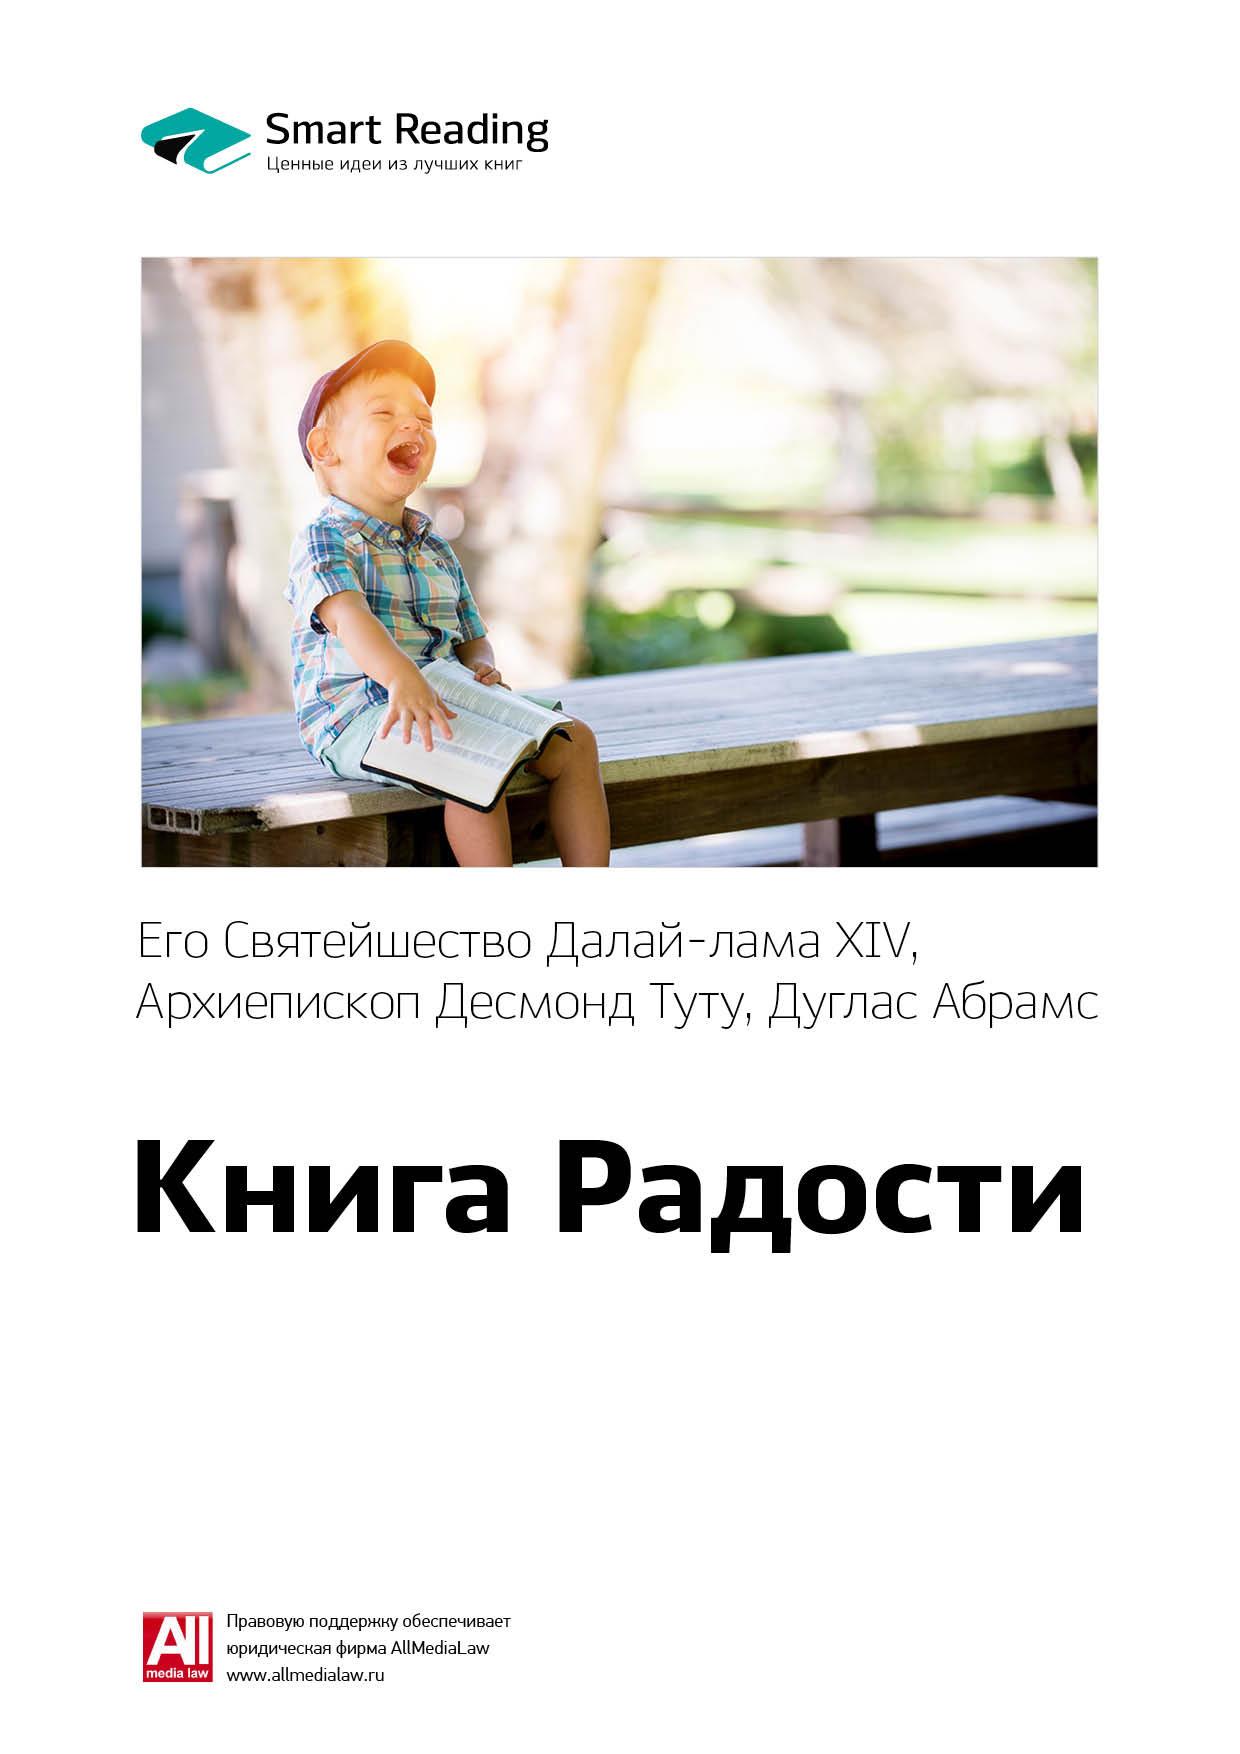 Ключевые идеи книги: Книга радости: устойчивое счастье в меняющемся мире. Далай-лама XIV, Десмонд Туту, Дуглас Абрамс